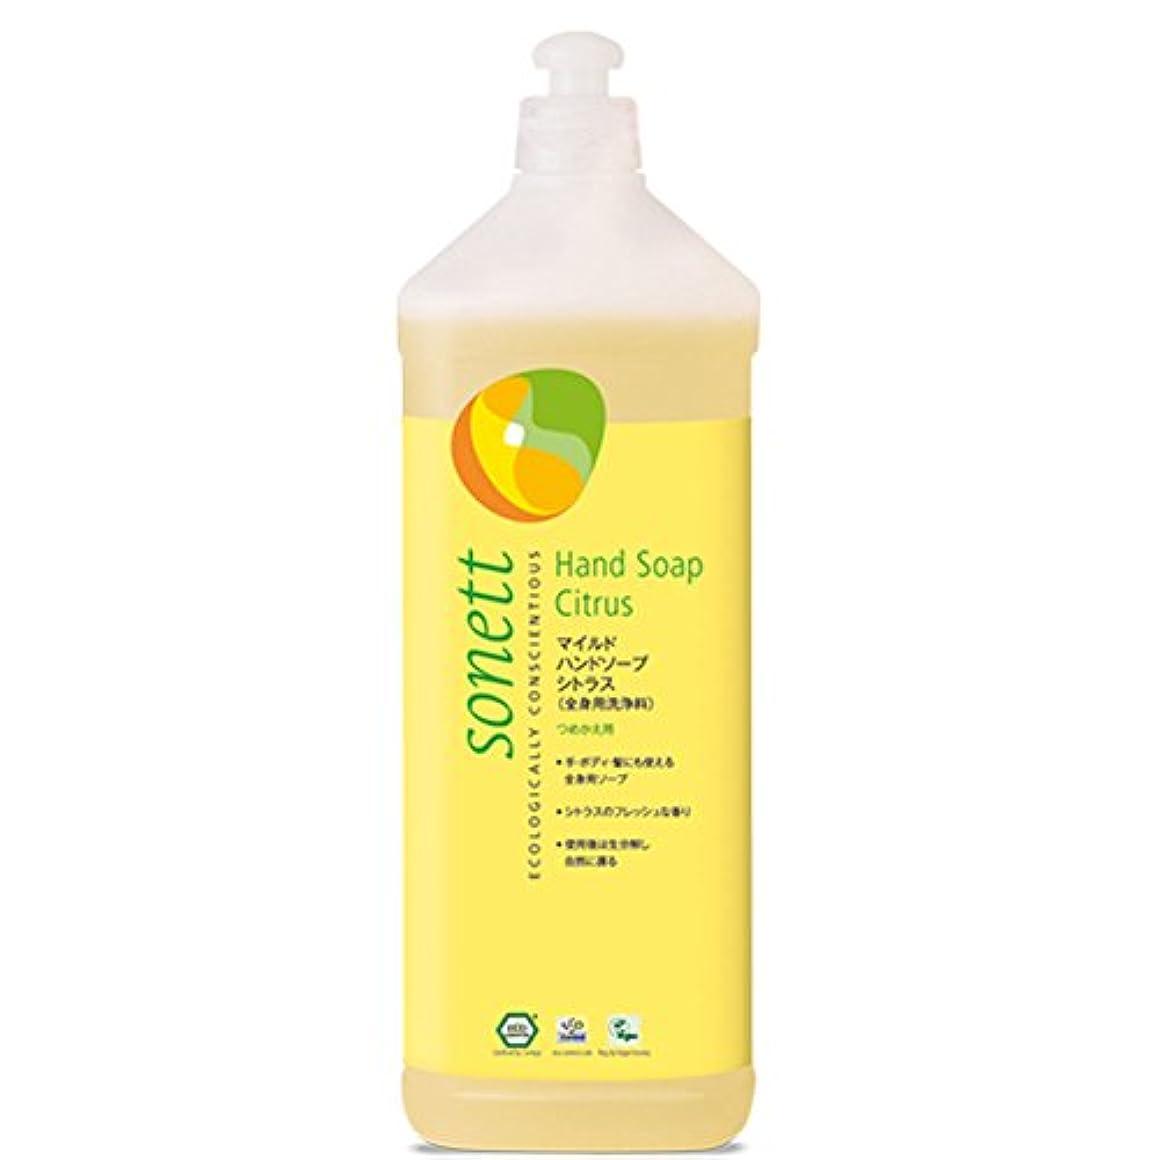 固める出力かき混ぜるSONETT ( ソネット 洗剤 ) マイルドハンドソープ シトラス 1L  ( ボディー&ハンドソープ 全身 )